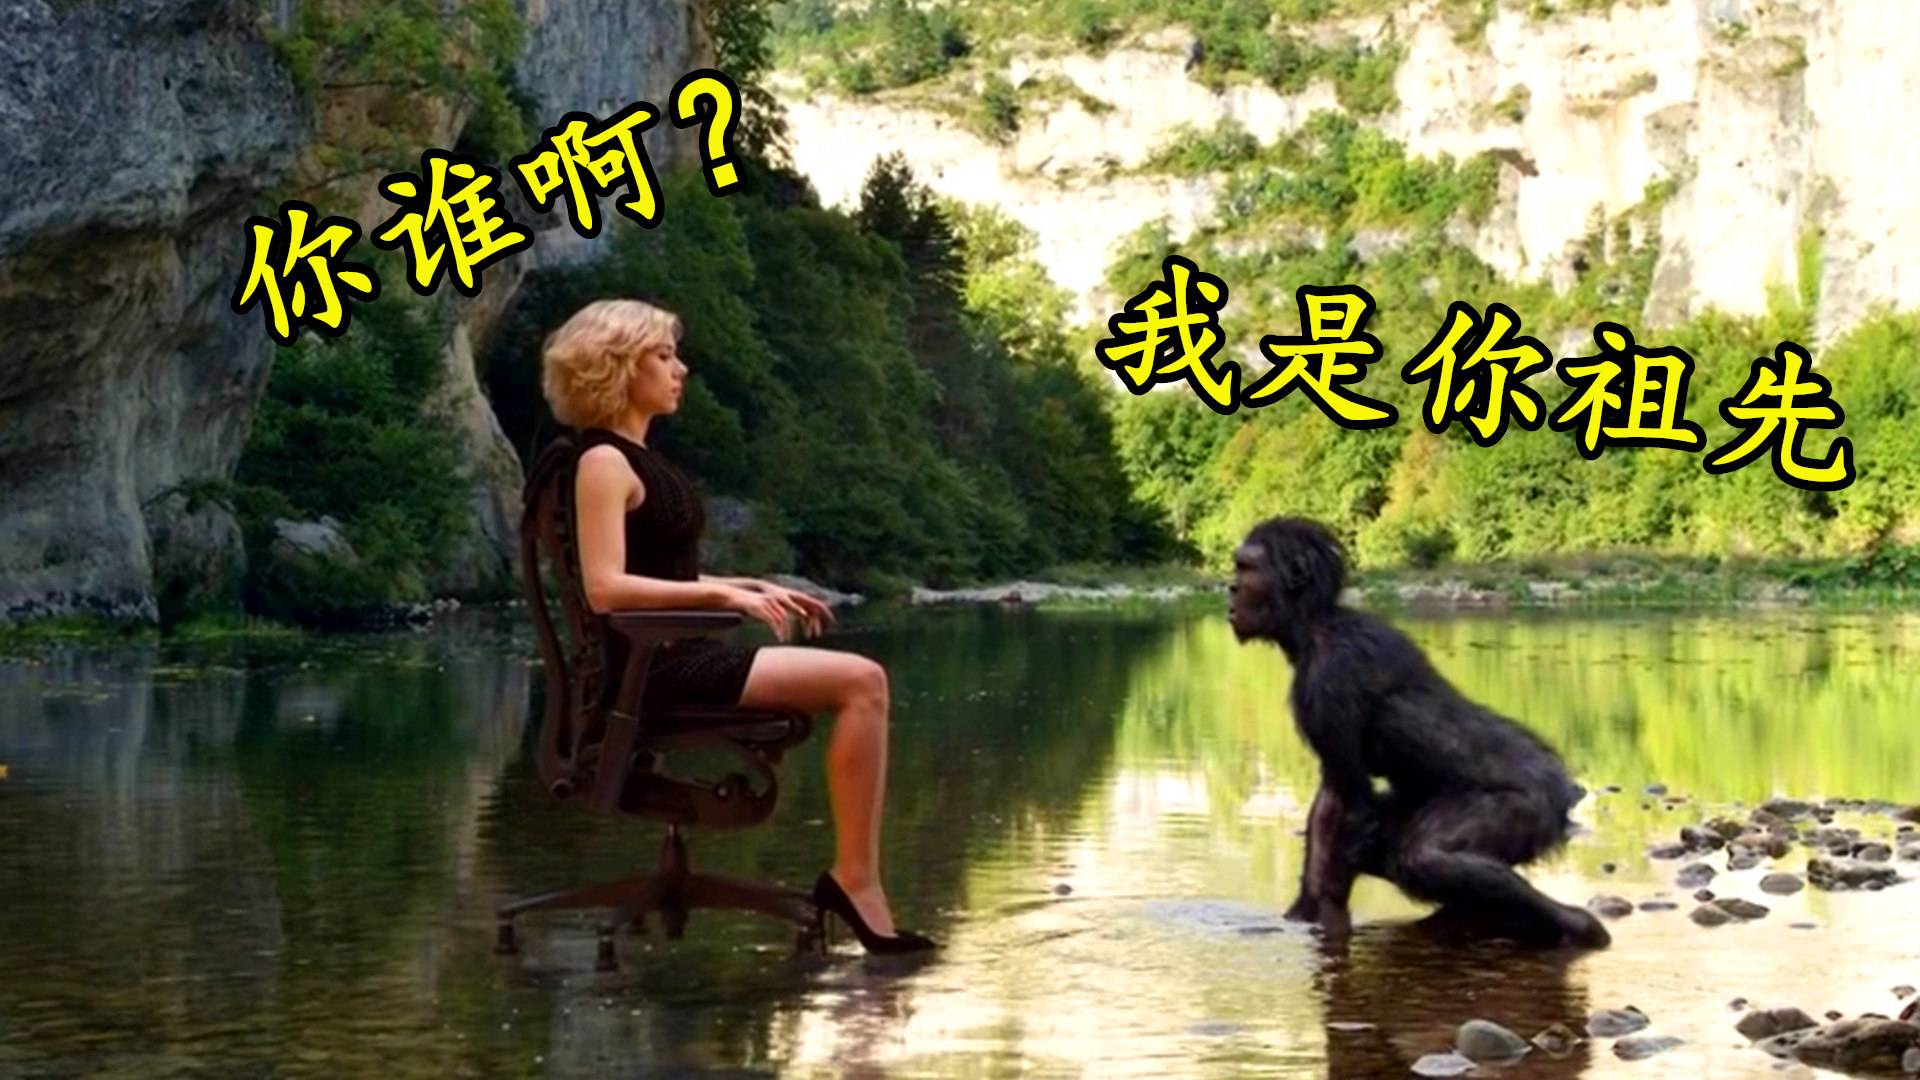 科幻片:女孩穿越到亿万年前,见到人类祖先这样打招呼!